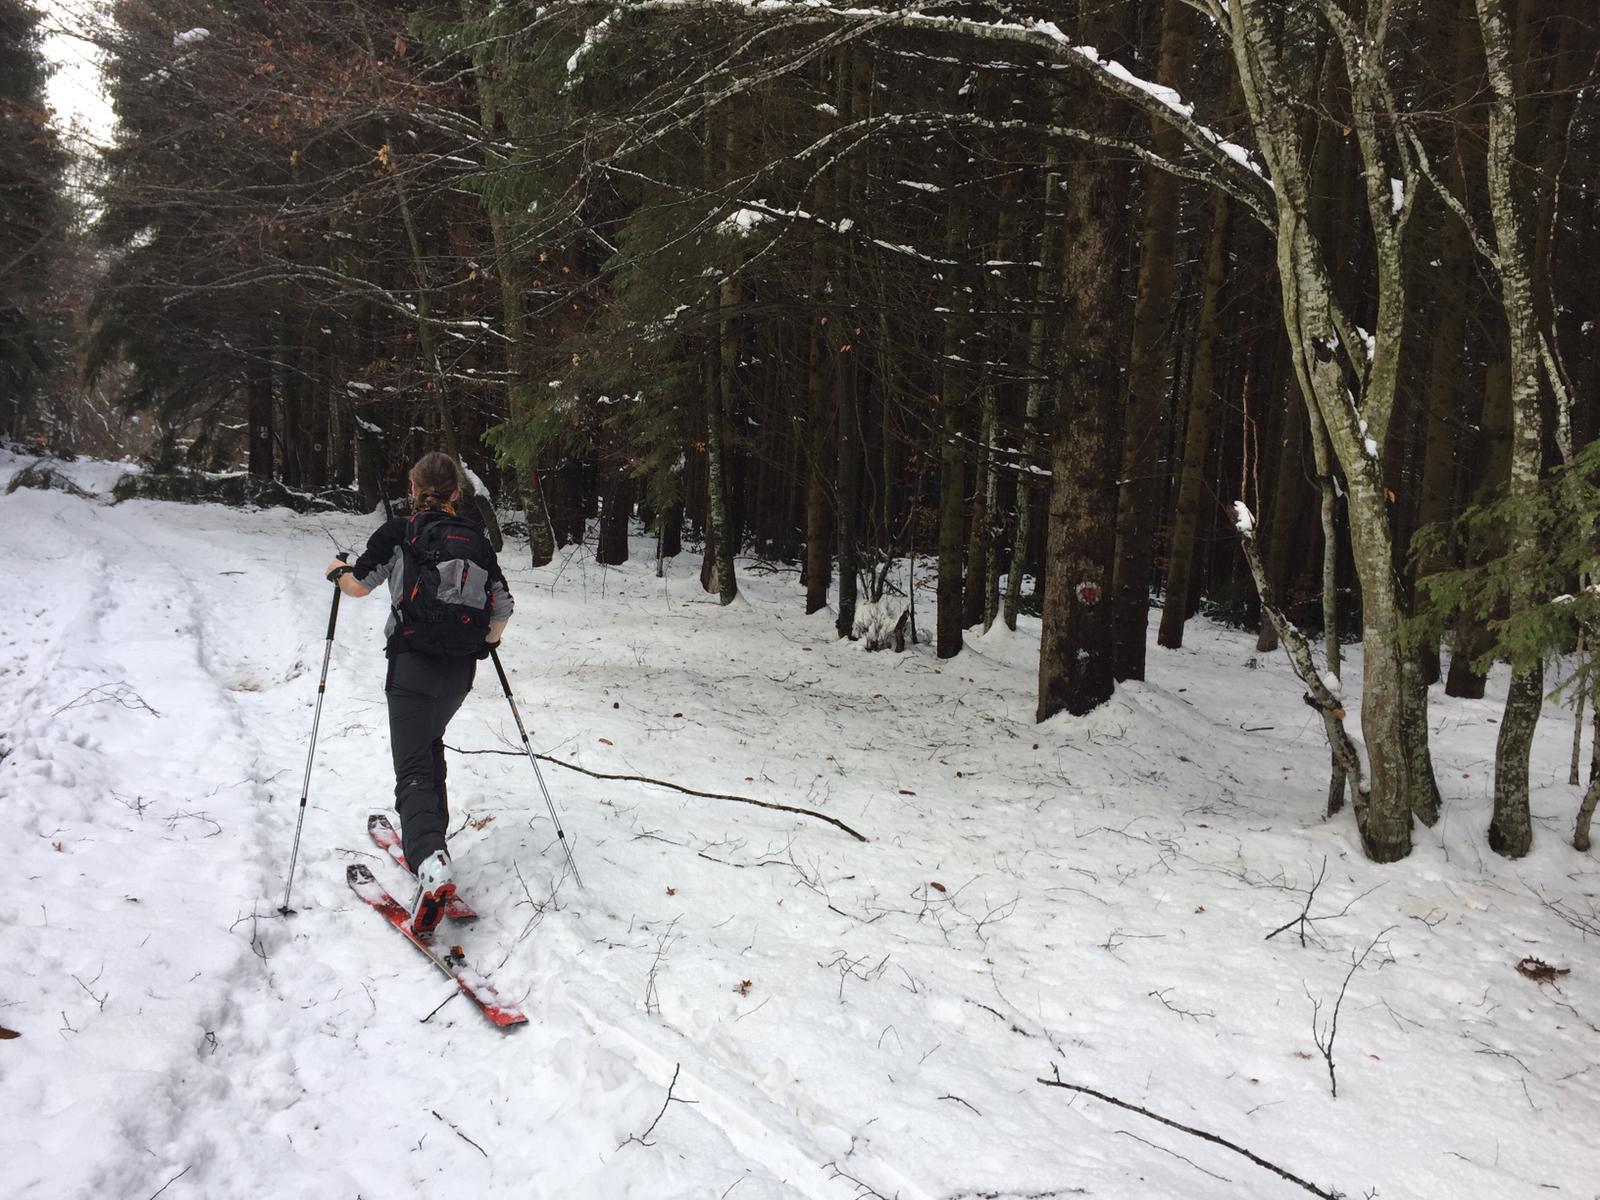 Urcare lateral partia de schi